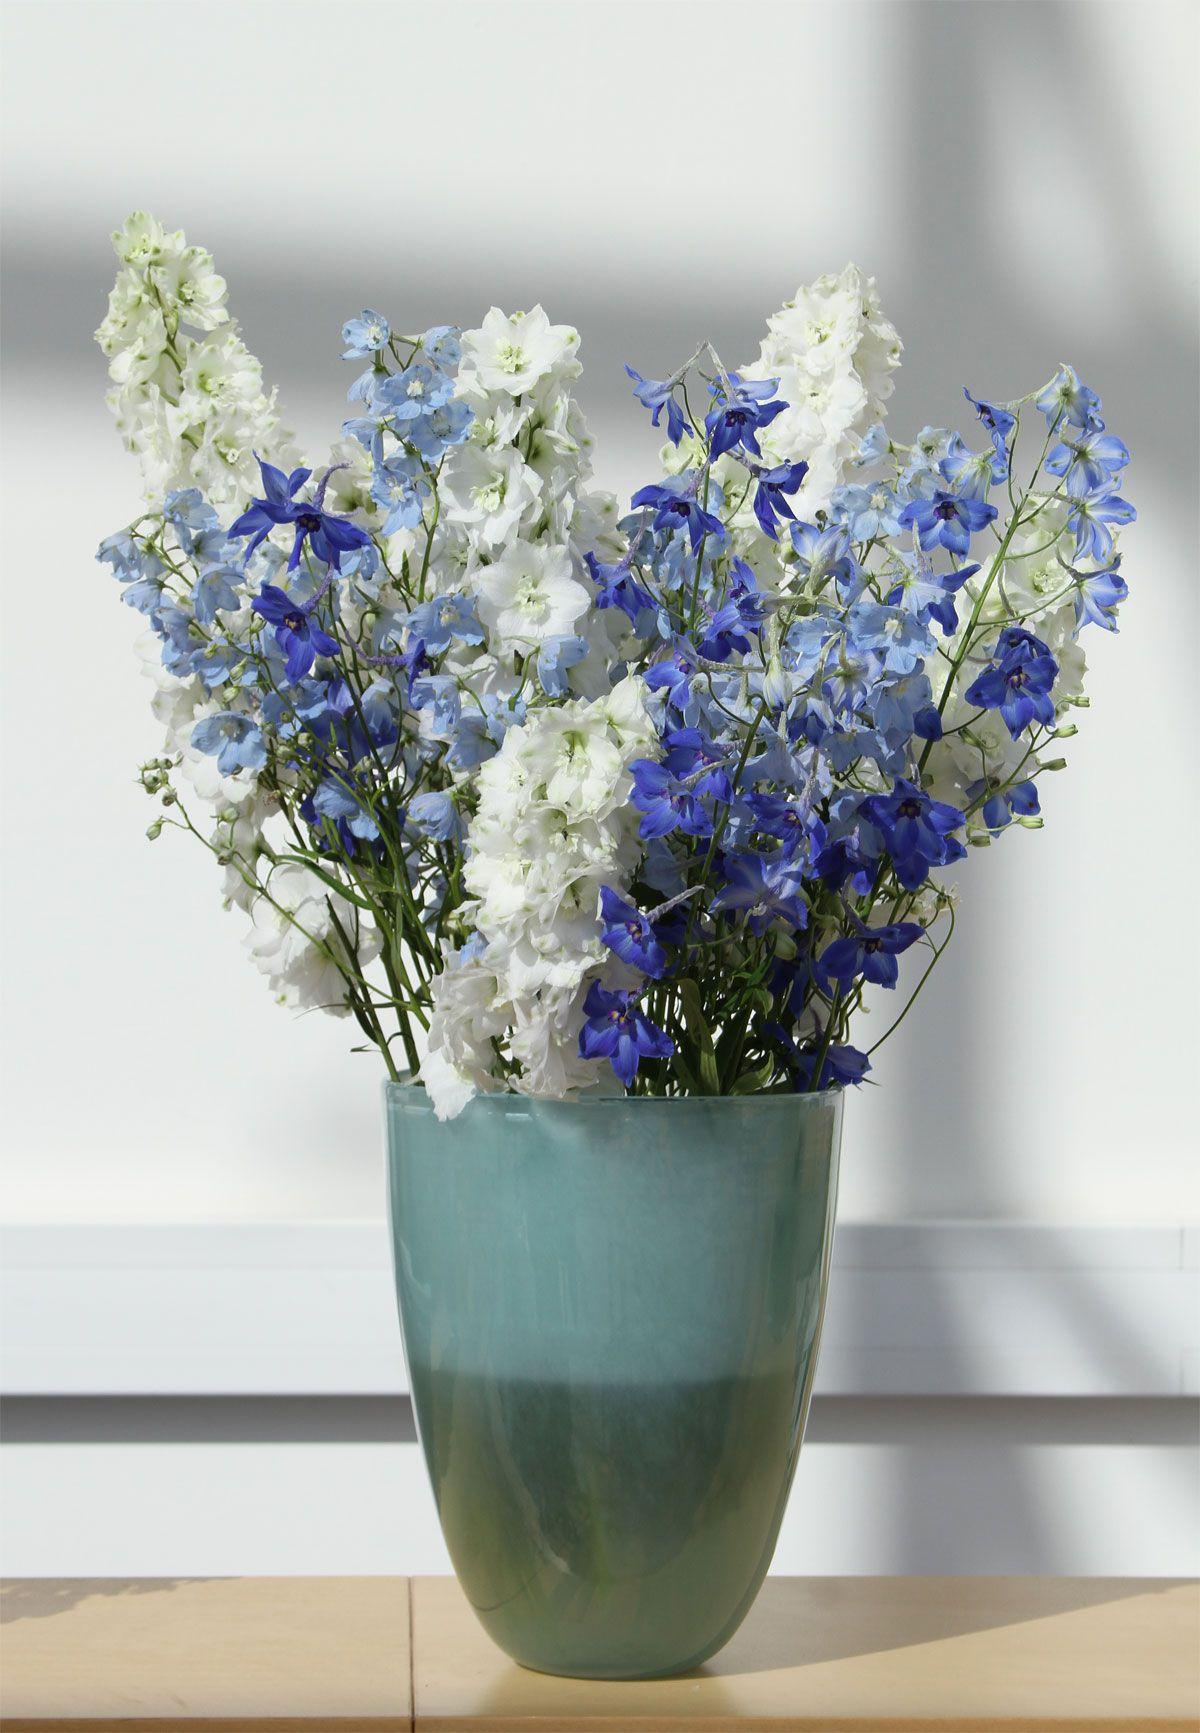 Ritters weiße und blaue Blumen white and blue flowers